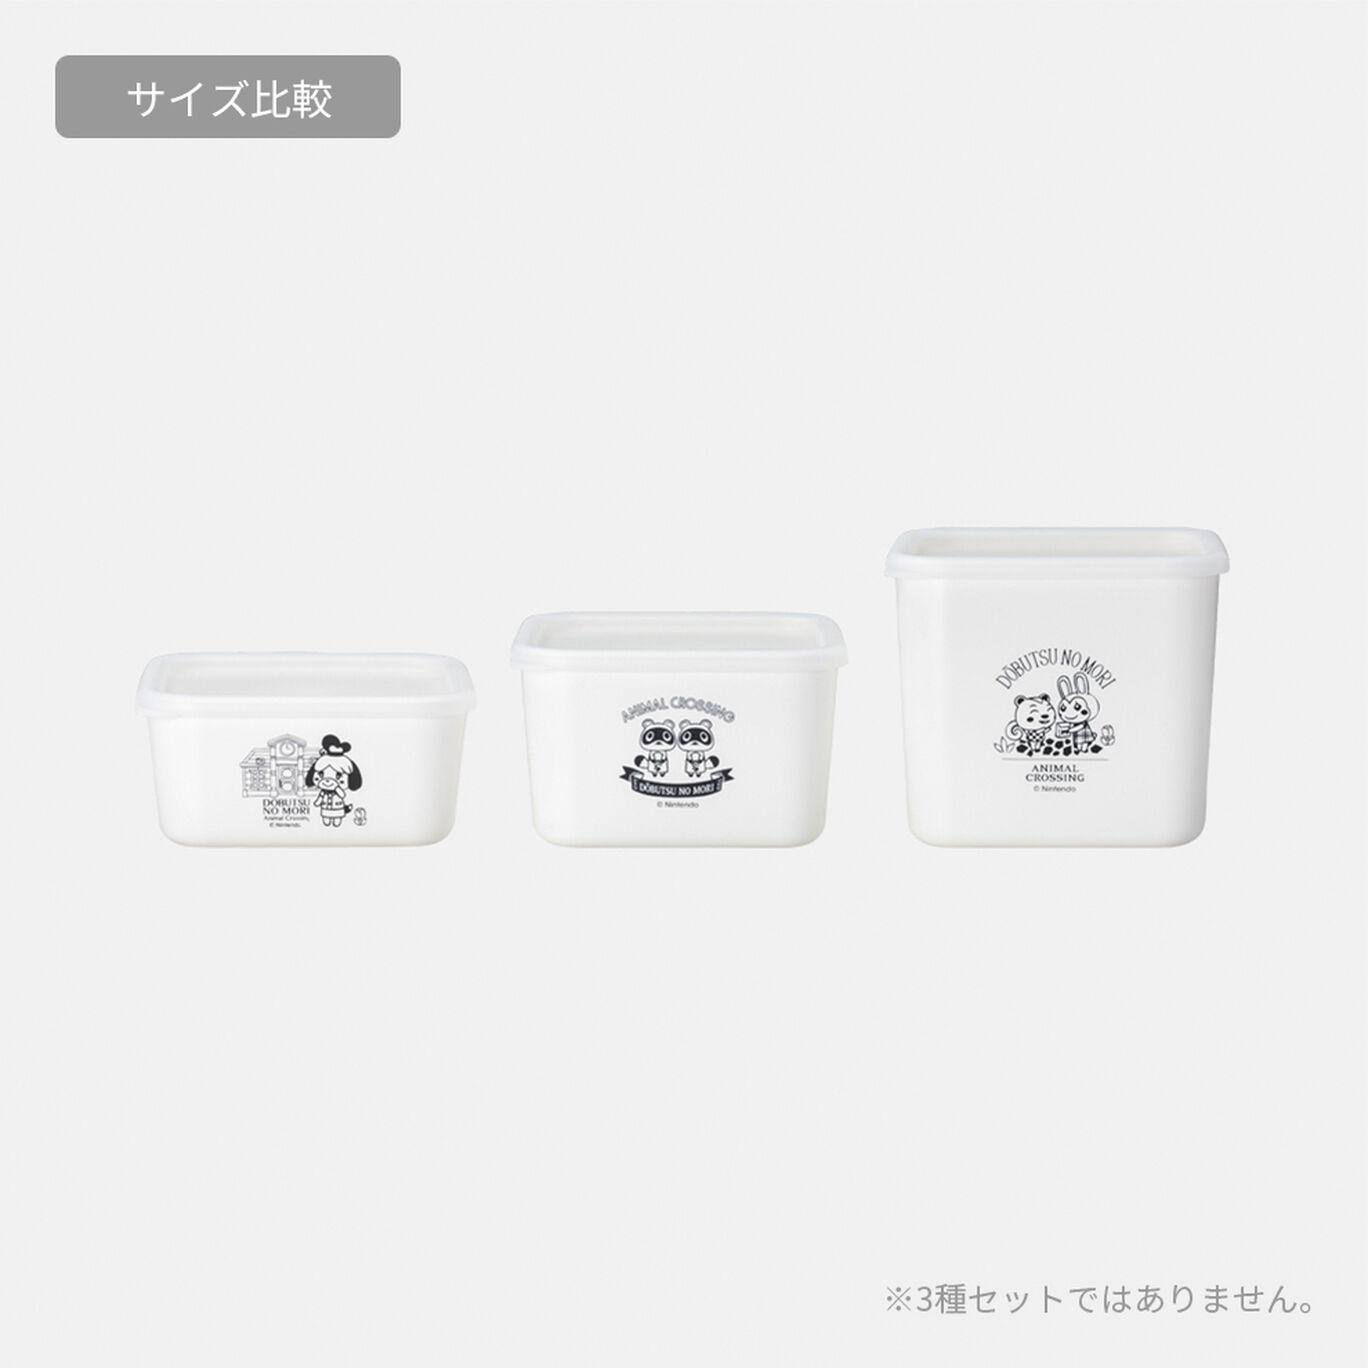 ストッカー(中) どうぶつの森【Nintendo TOKYO取り扱い商品】